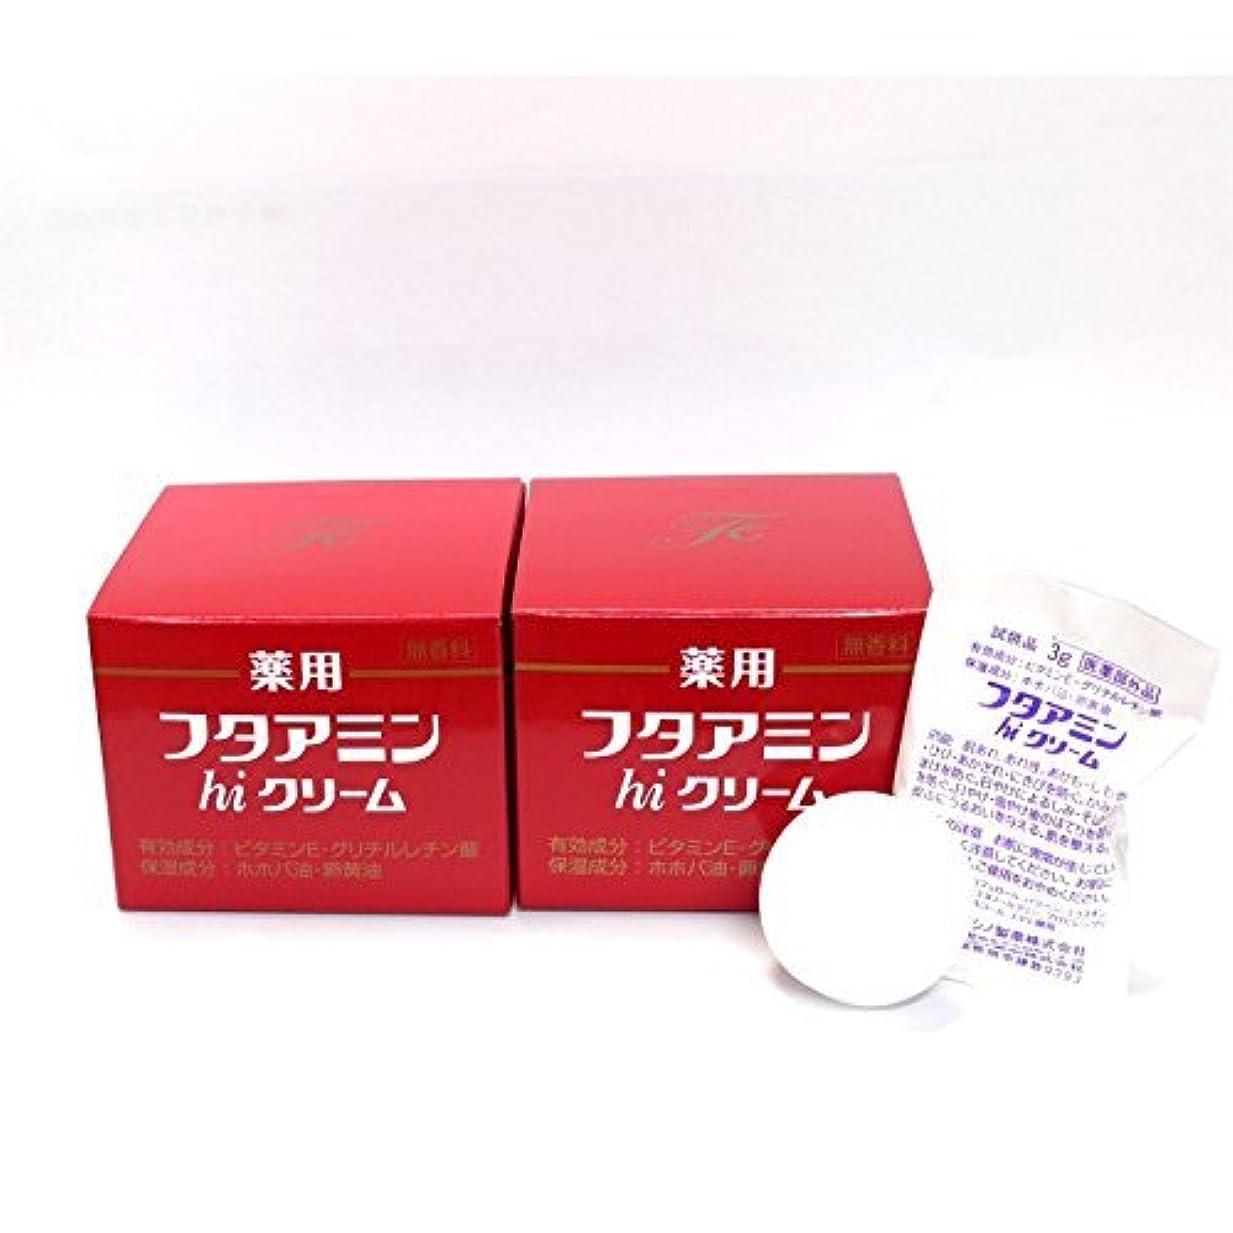 昼寝意欲安全性フタアミンhiクリーム 130g 2個セット  3gサンプル2個付